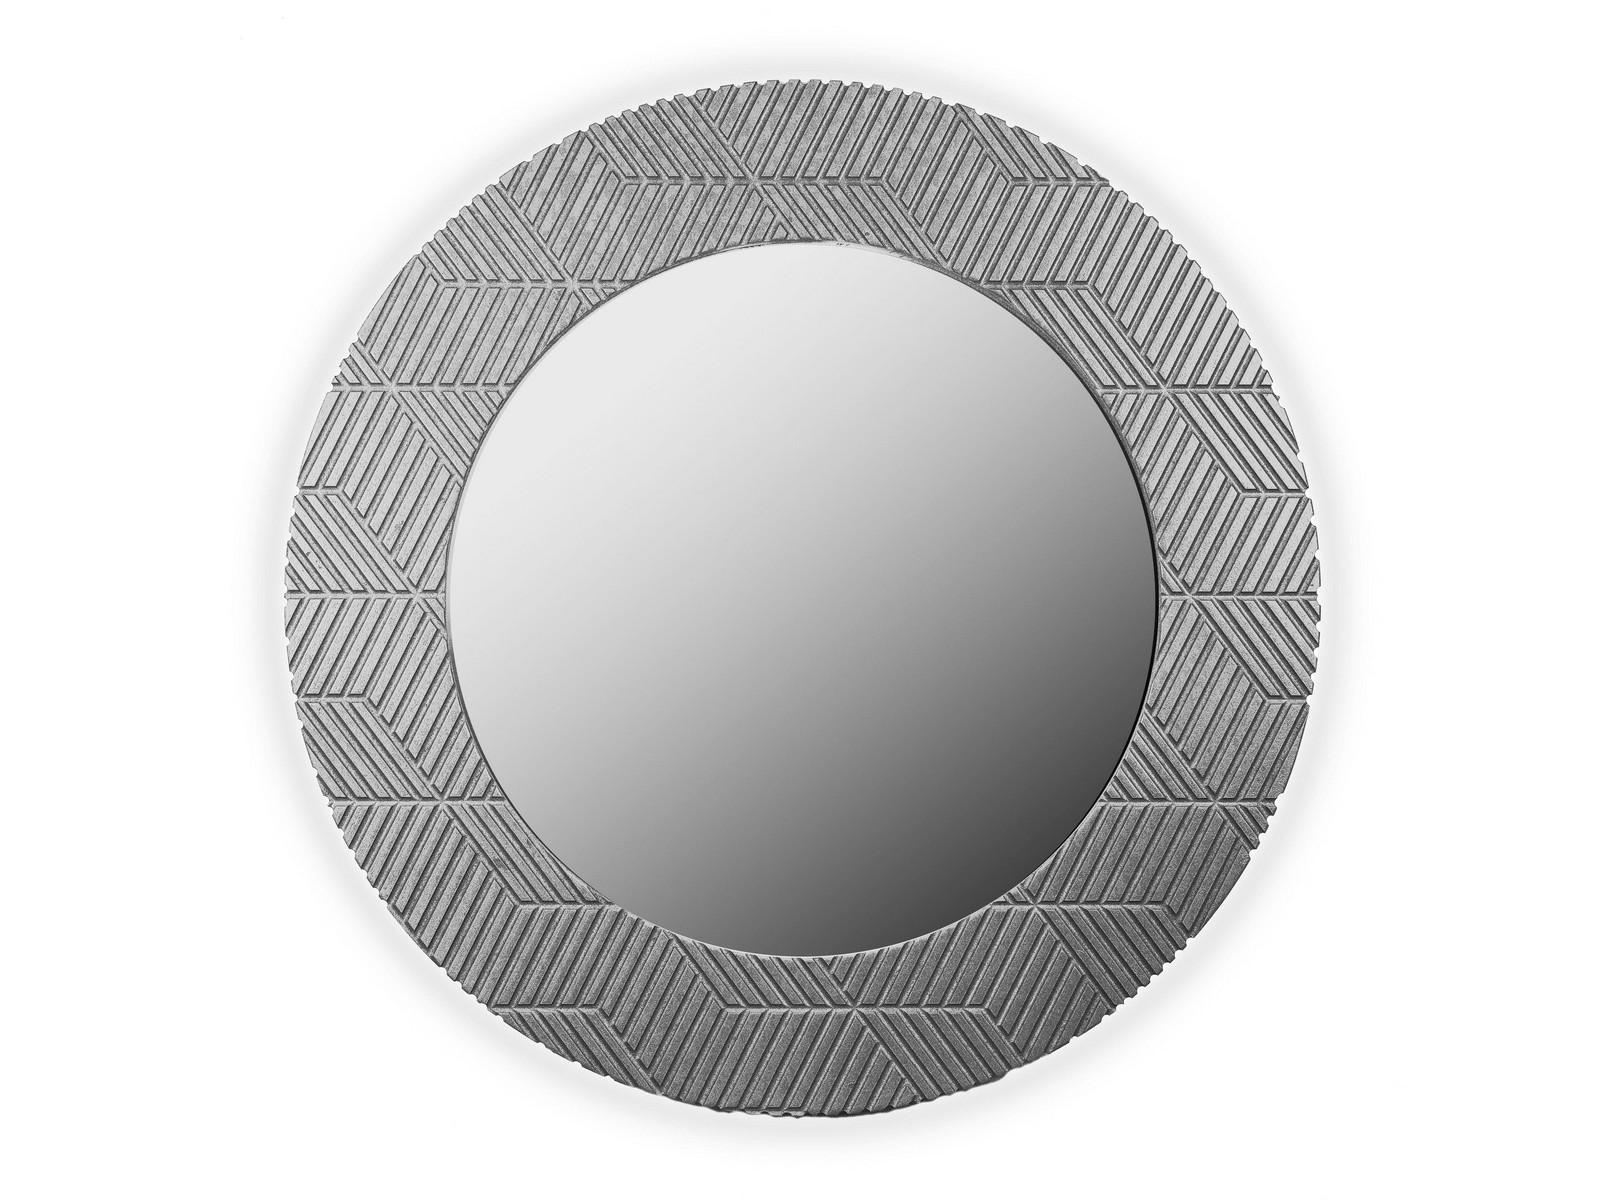 Зеркало FASHION SILVERНастенные зеркала<br><br><br>Material: Дерево<br>Depth см: 90<br>Diameter см: 4,2